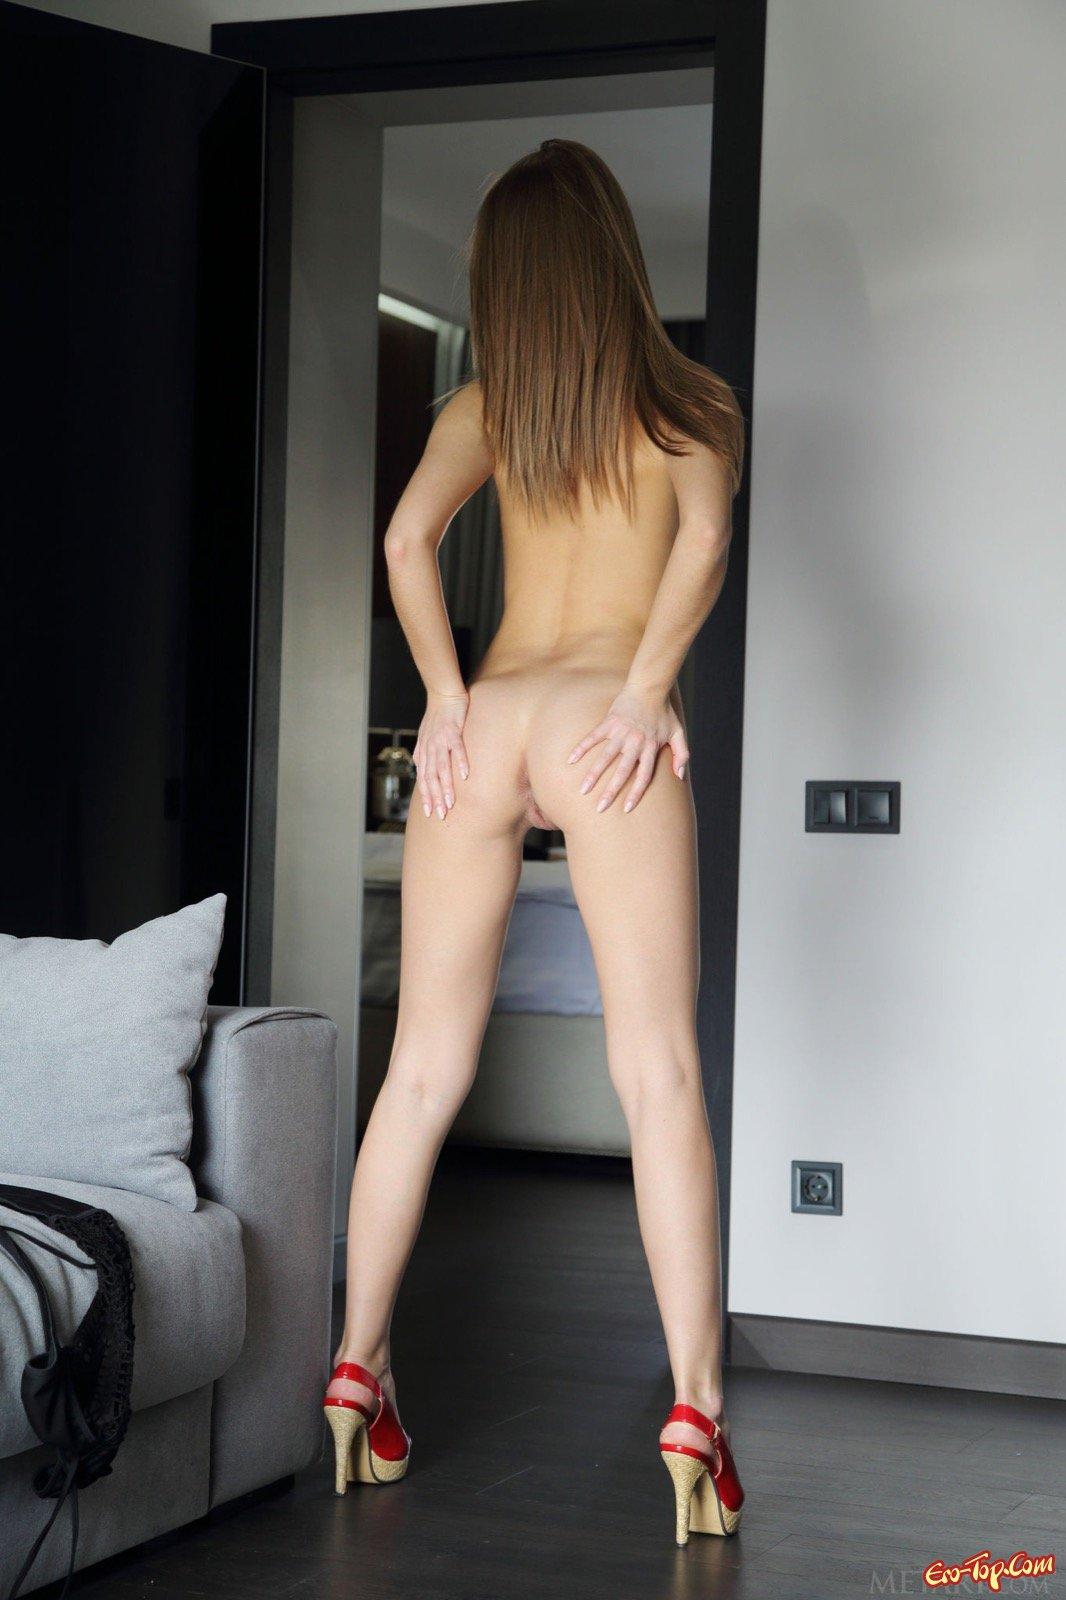 Сексуальная девушка разделась догола